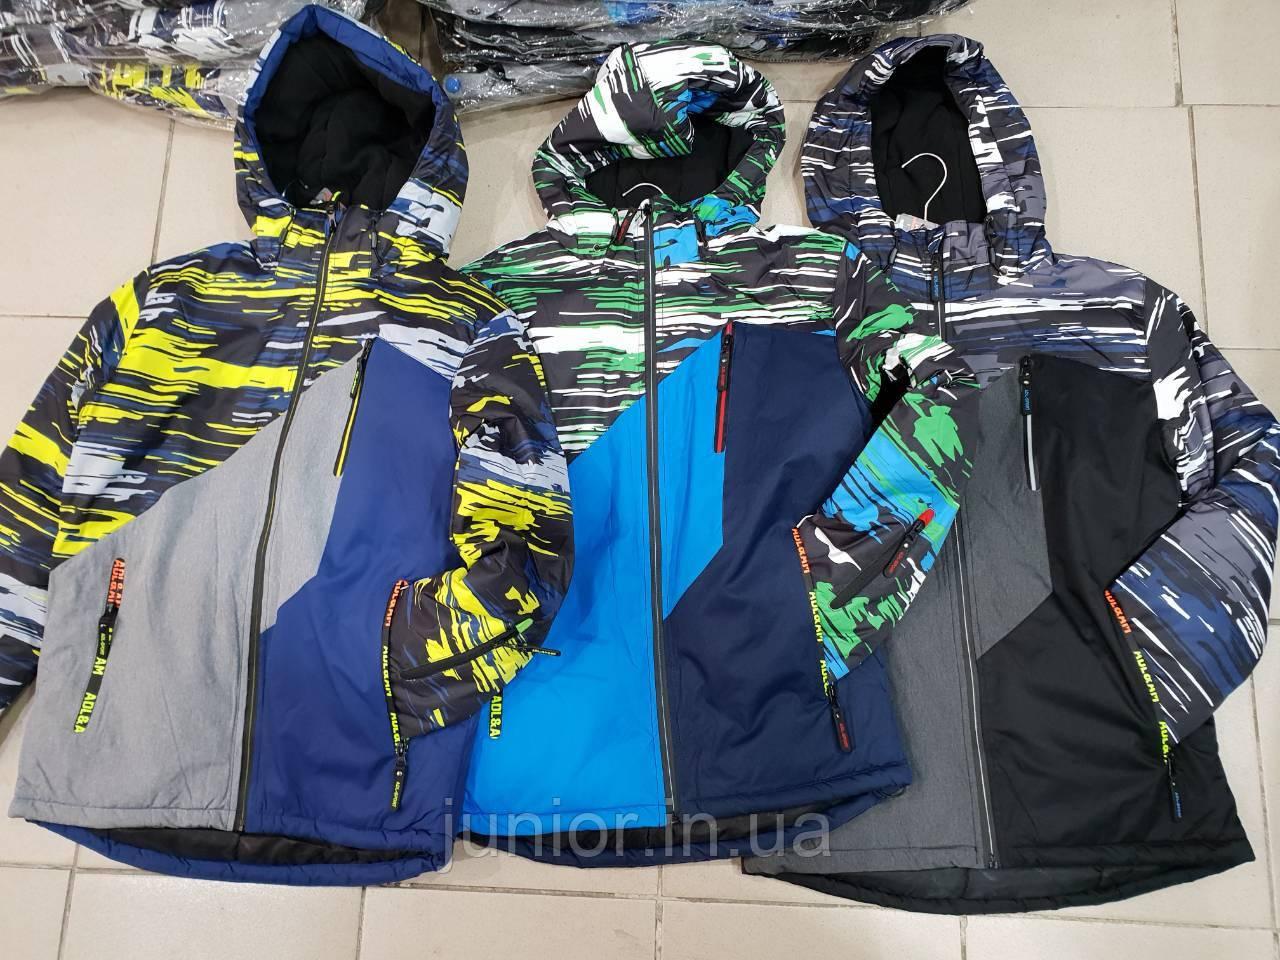 74ca2a769515 Лыжные термокуртки для мальчиков оптом (140-170р).Зима.  продажа ...